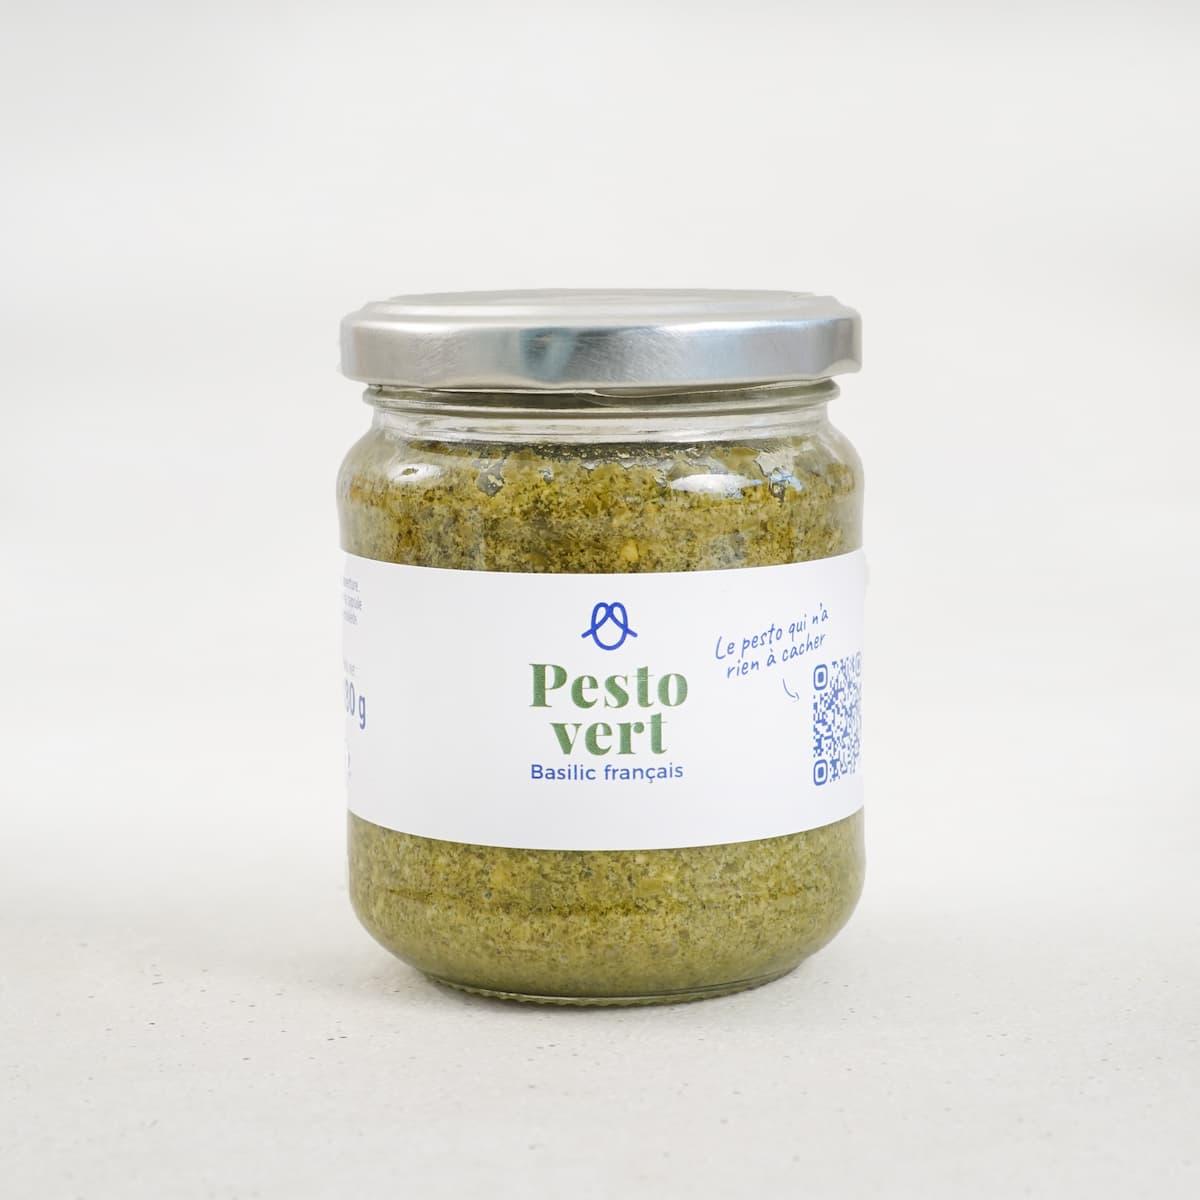 Pesto vert - basilic français - 180g